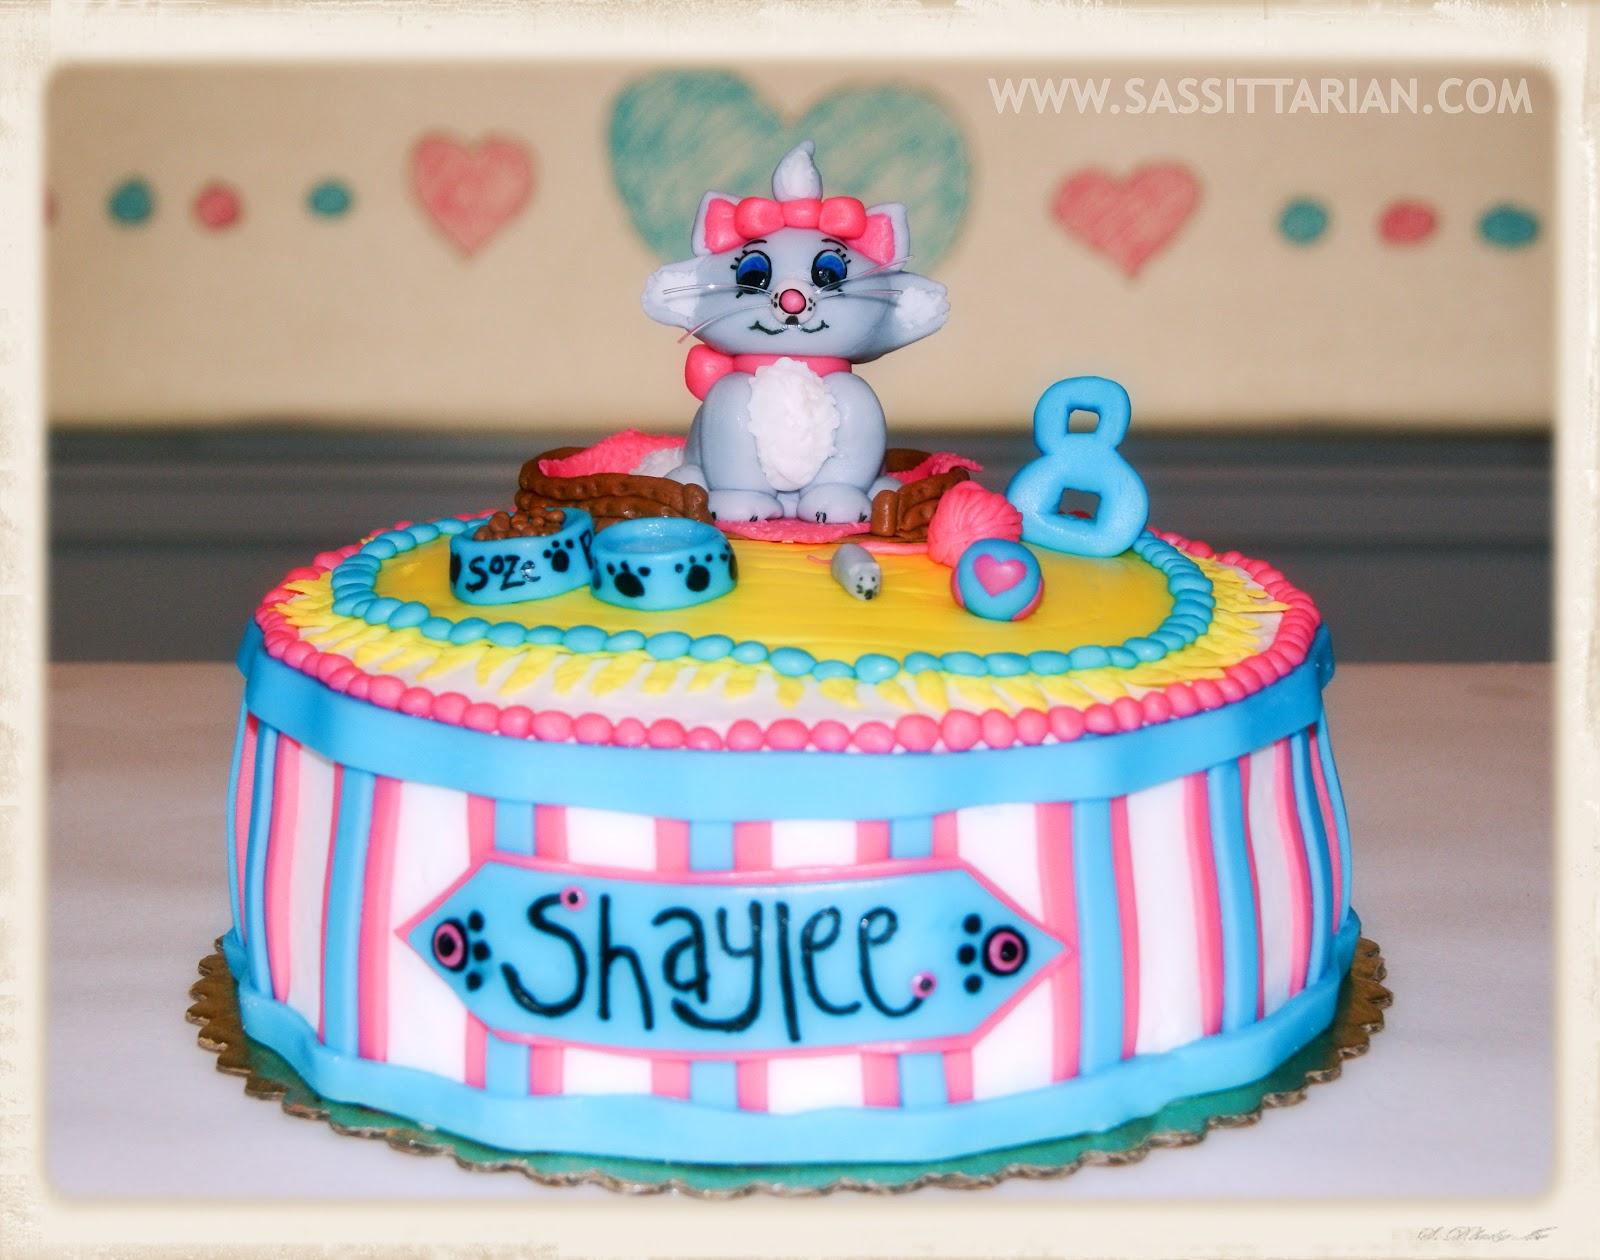 http://3.bp.blogspot.com/-oDSH_o1AKTk/T-jIJ2Y26II/AAAAAAAAEYI/KGXXTrPKi2k/s1600/cat_03.jpg